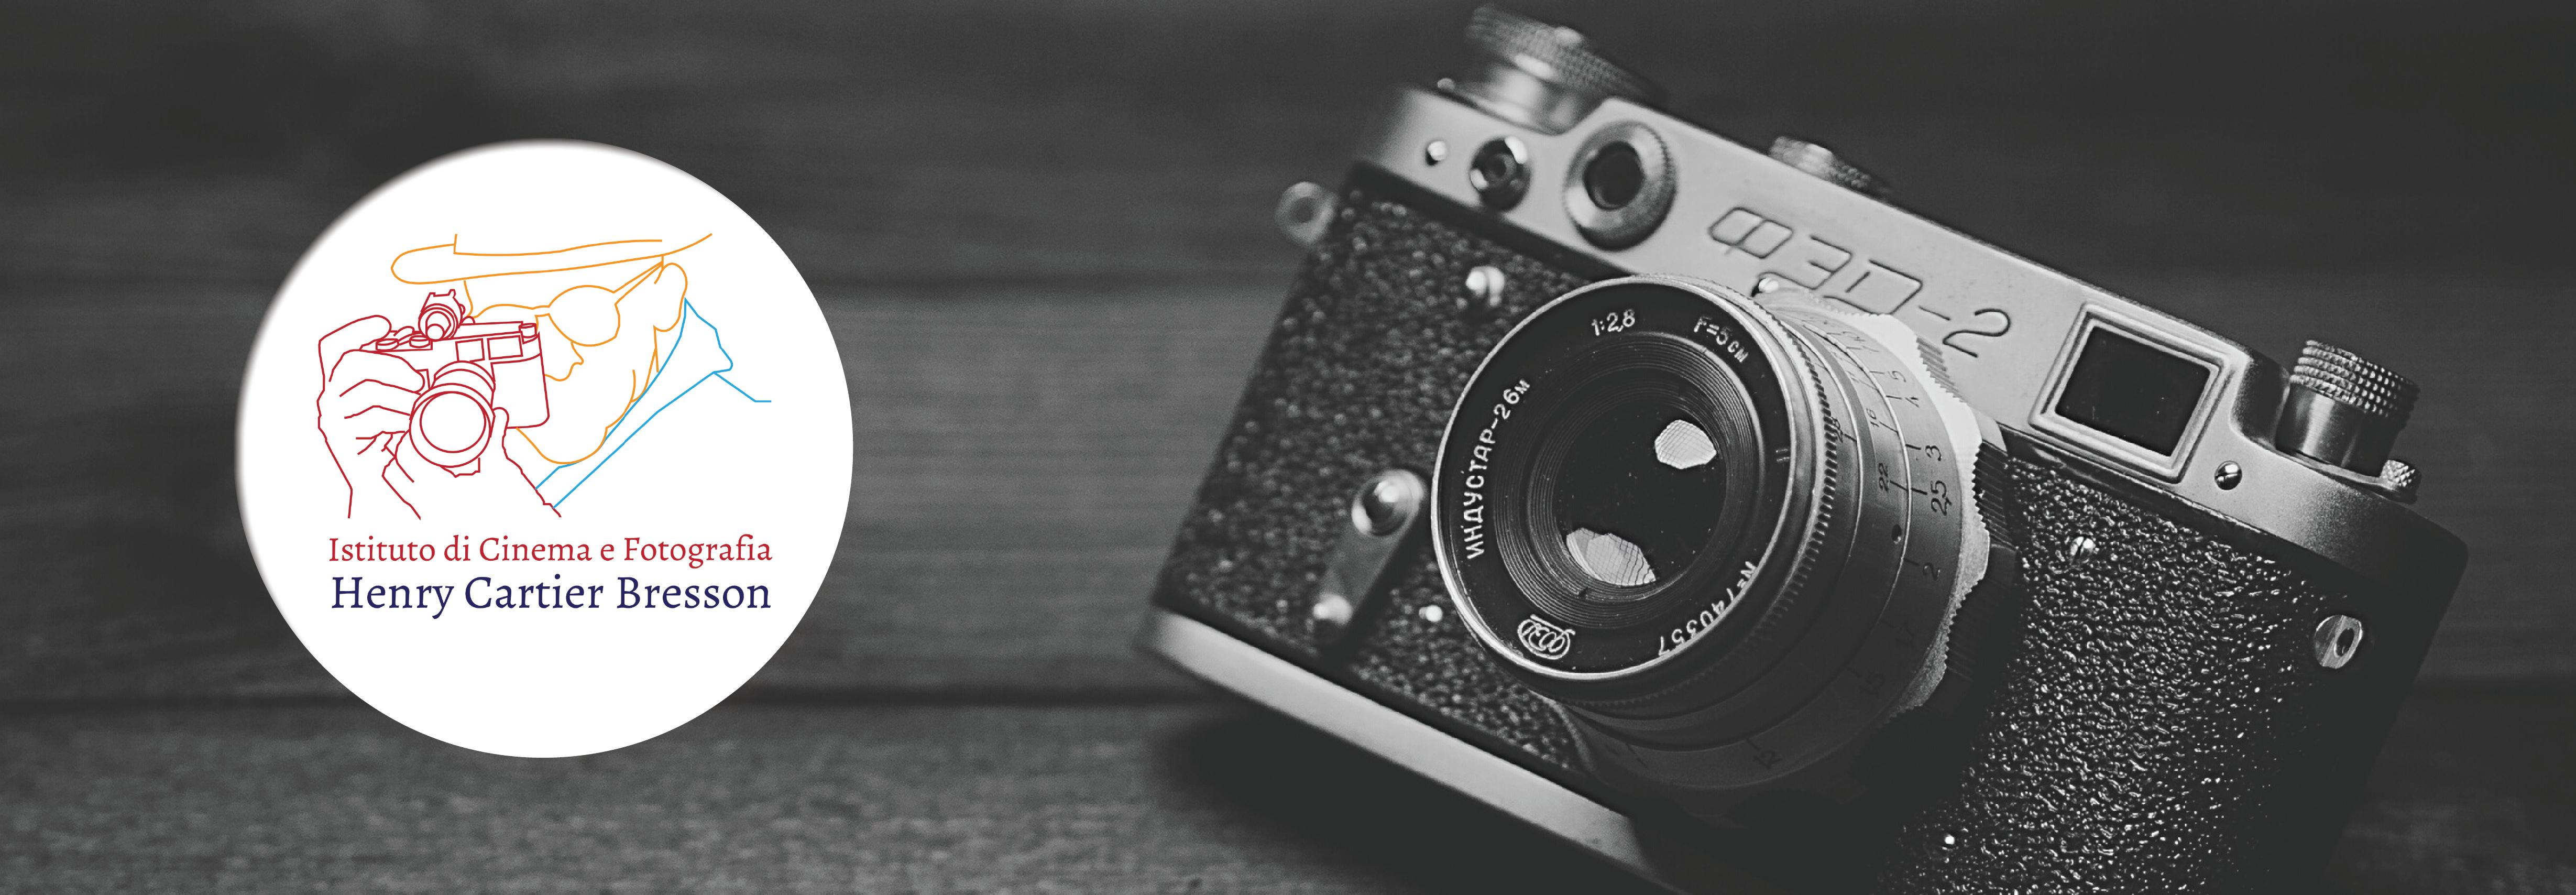 Ted Formazione lancia l'Istituto Henry Cartier Bresson e i suoi corsi di fotografia